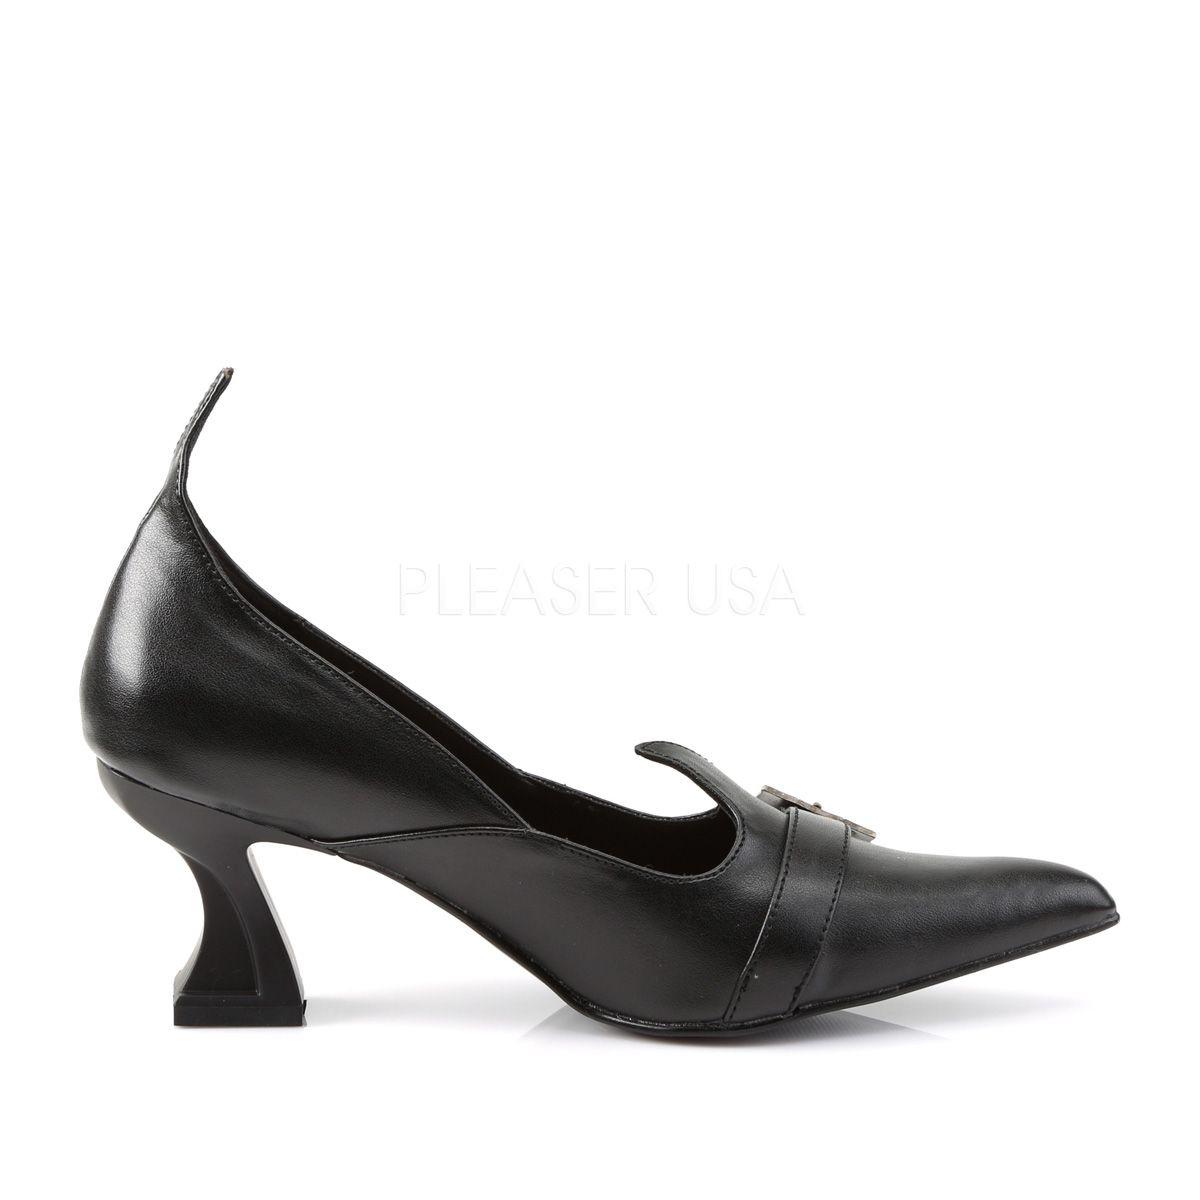 Sapato Salém 06 Bruxa - Funtasma (encomenda)